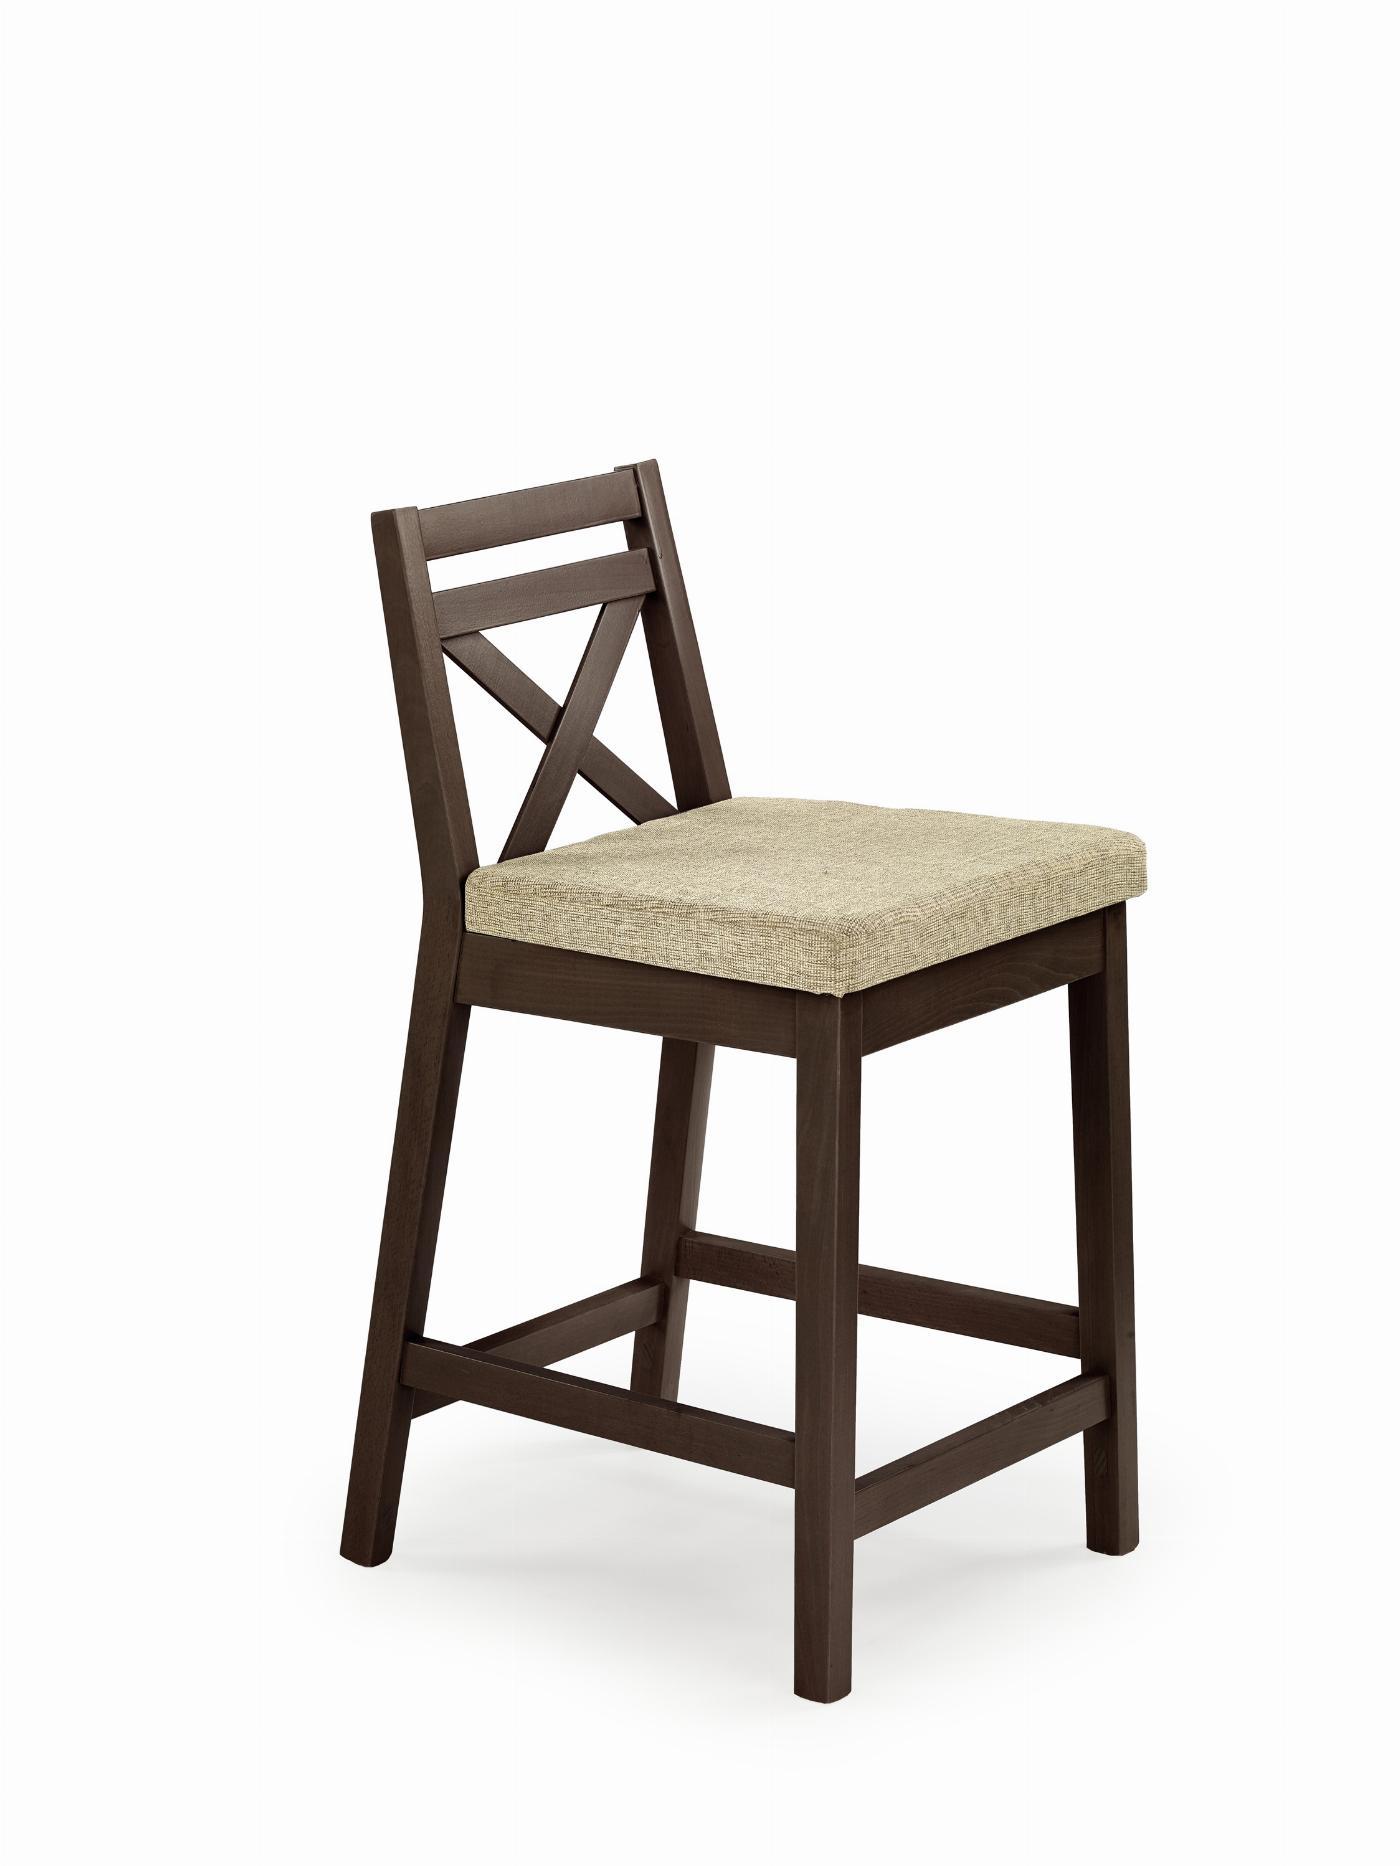 BORYS LOW krzesło barowe niskie ciemny orzech / tap. Vila 2 (1p=1szt)